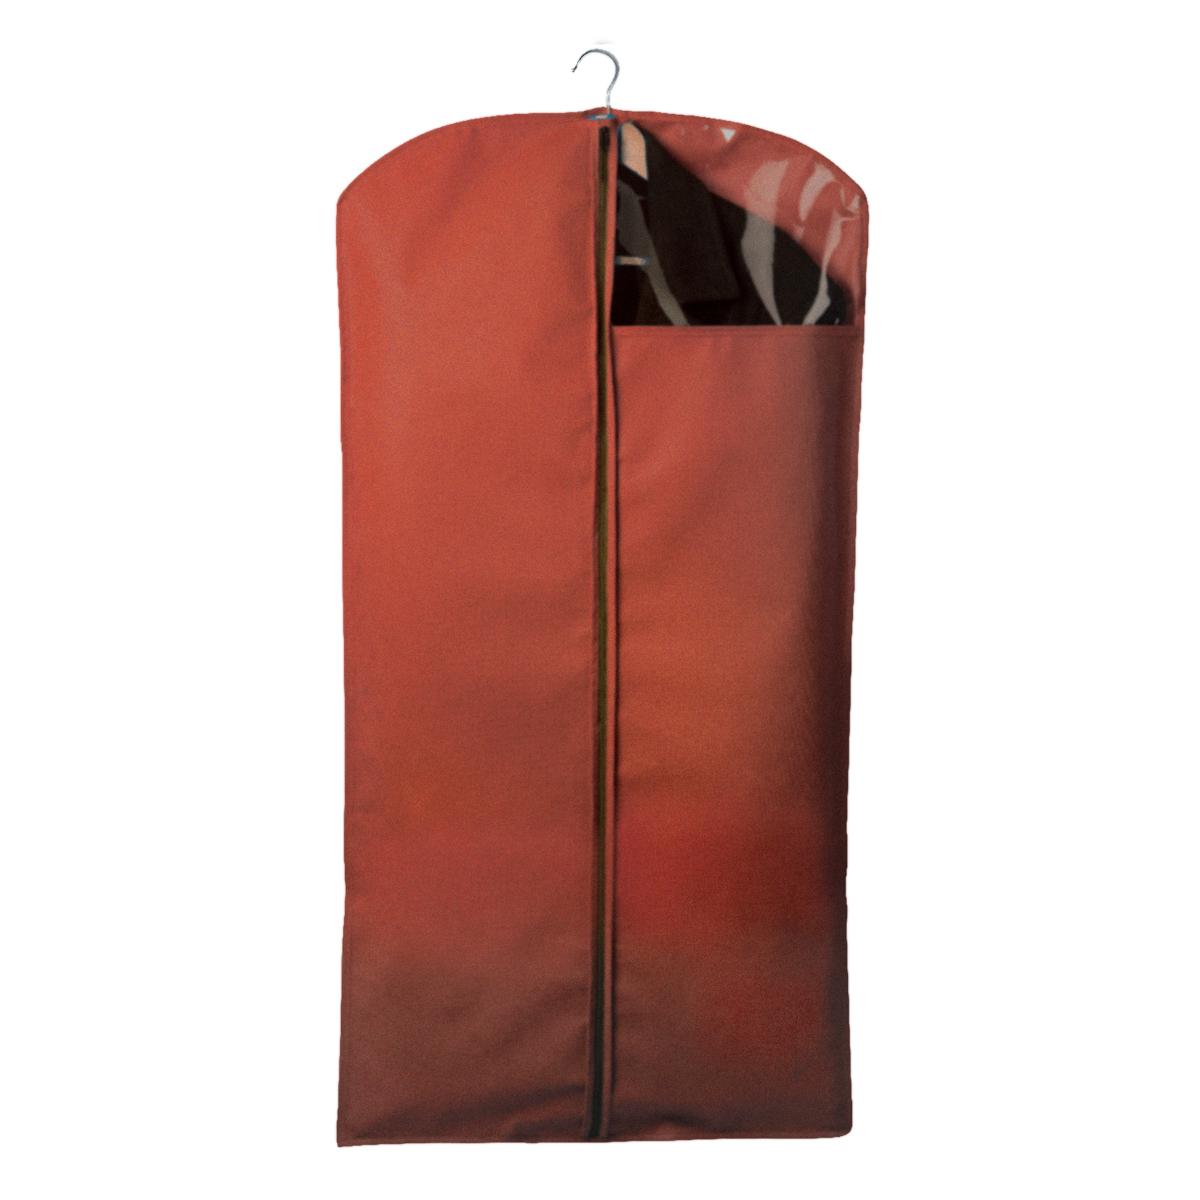 """Чехол для костюмов и платьев """"Miolla"""" на застежке-молнии выполнен из высококачественного нетканого материала. Прозрачное полиэтиленовое окошко позволяет видеть содержимое чехла. Подходит для длительного хранения вещей.Чехол обеспечивает вашей одежде надежную защиту от влажности, повреждений и грязи при транспортировке, от запыления при хранении и проникновения моли. Чехол обладает водоотталкивающими свойствами, а также позволяет воздуху свободно поступать внутрь вещей, обеспечивая их кондиционирование. Размер чехла: 120 х 60 см."""